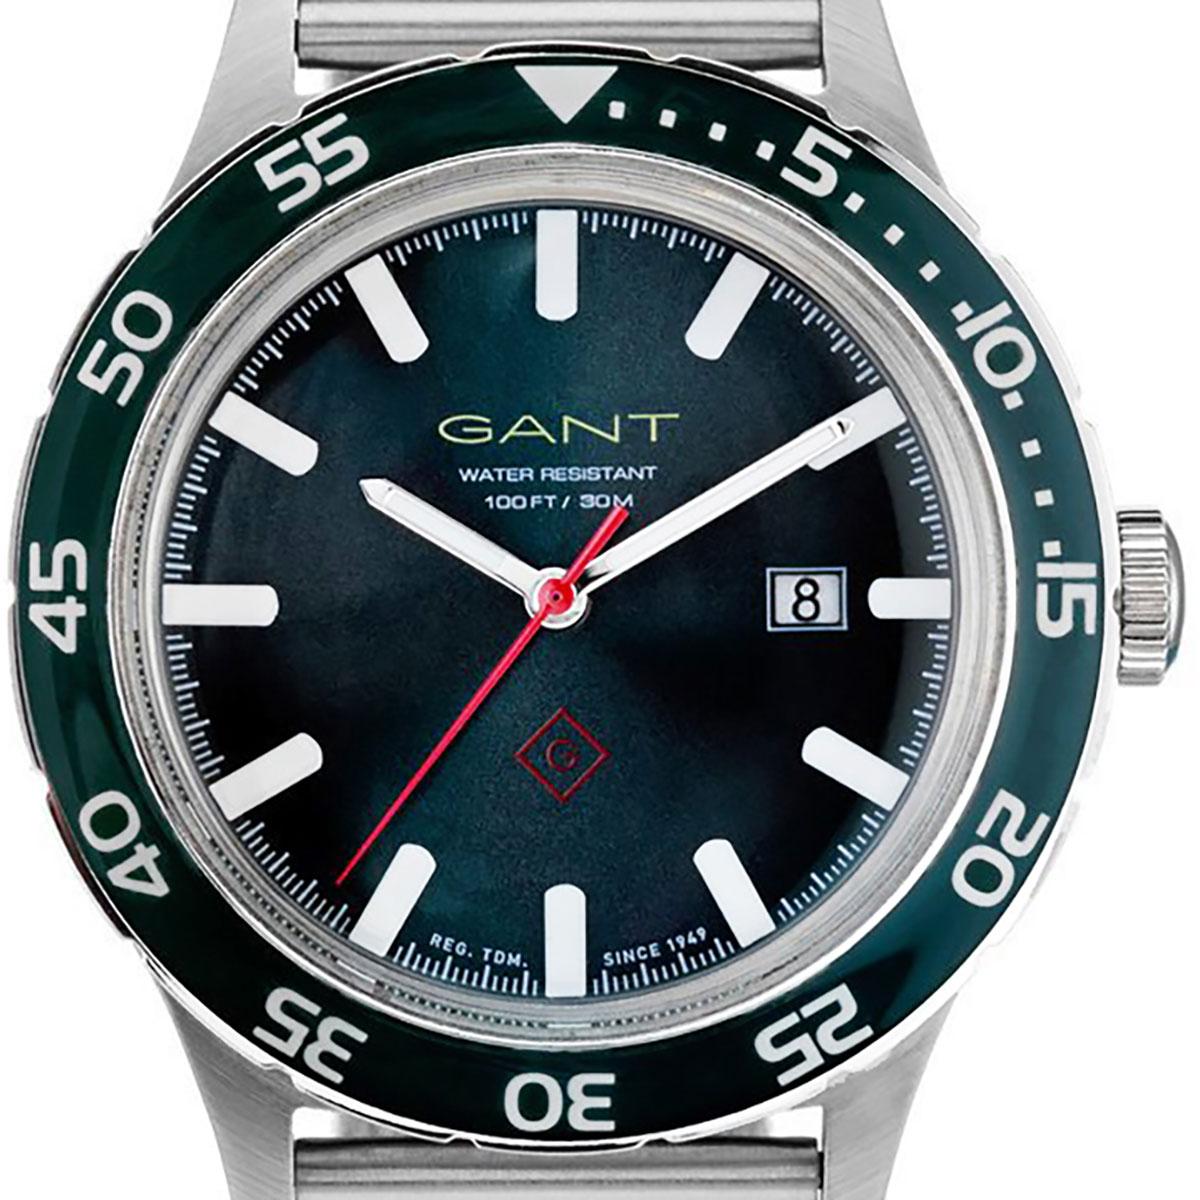 GANT ガント 電池式クォーツ 腕時計 [W70451] 並行輸入品 ネイビー(紺)